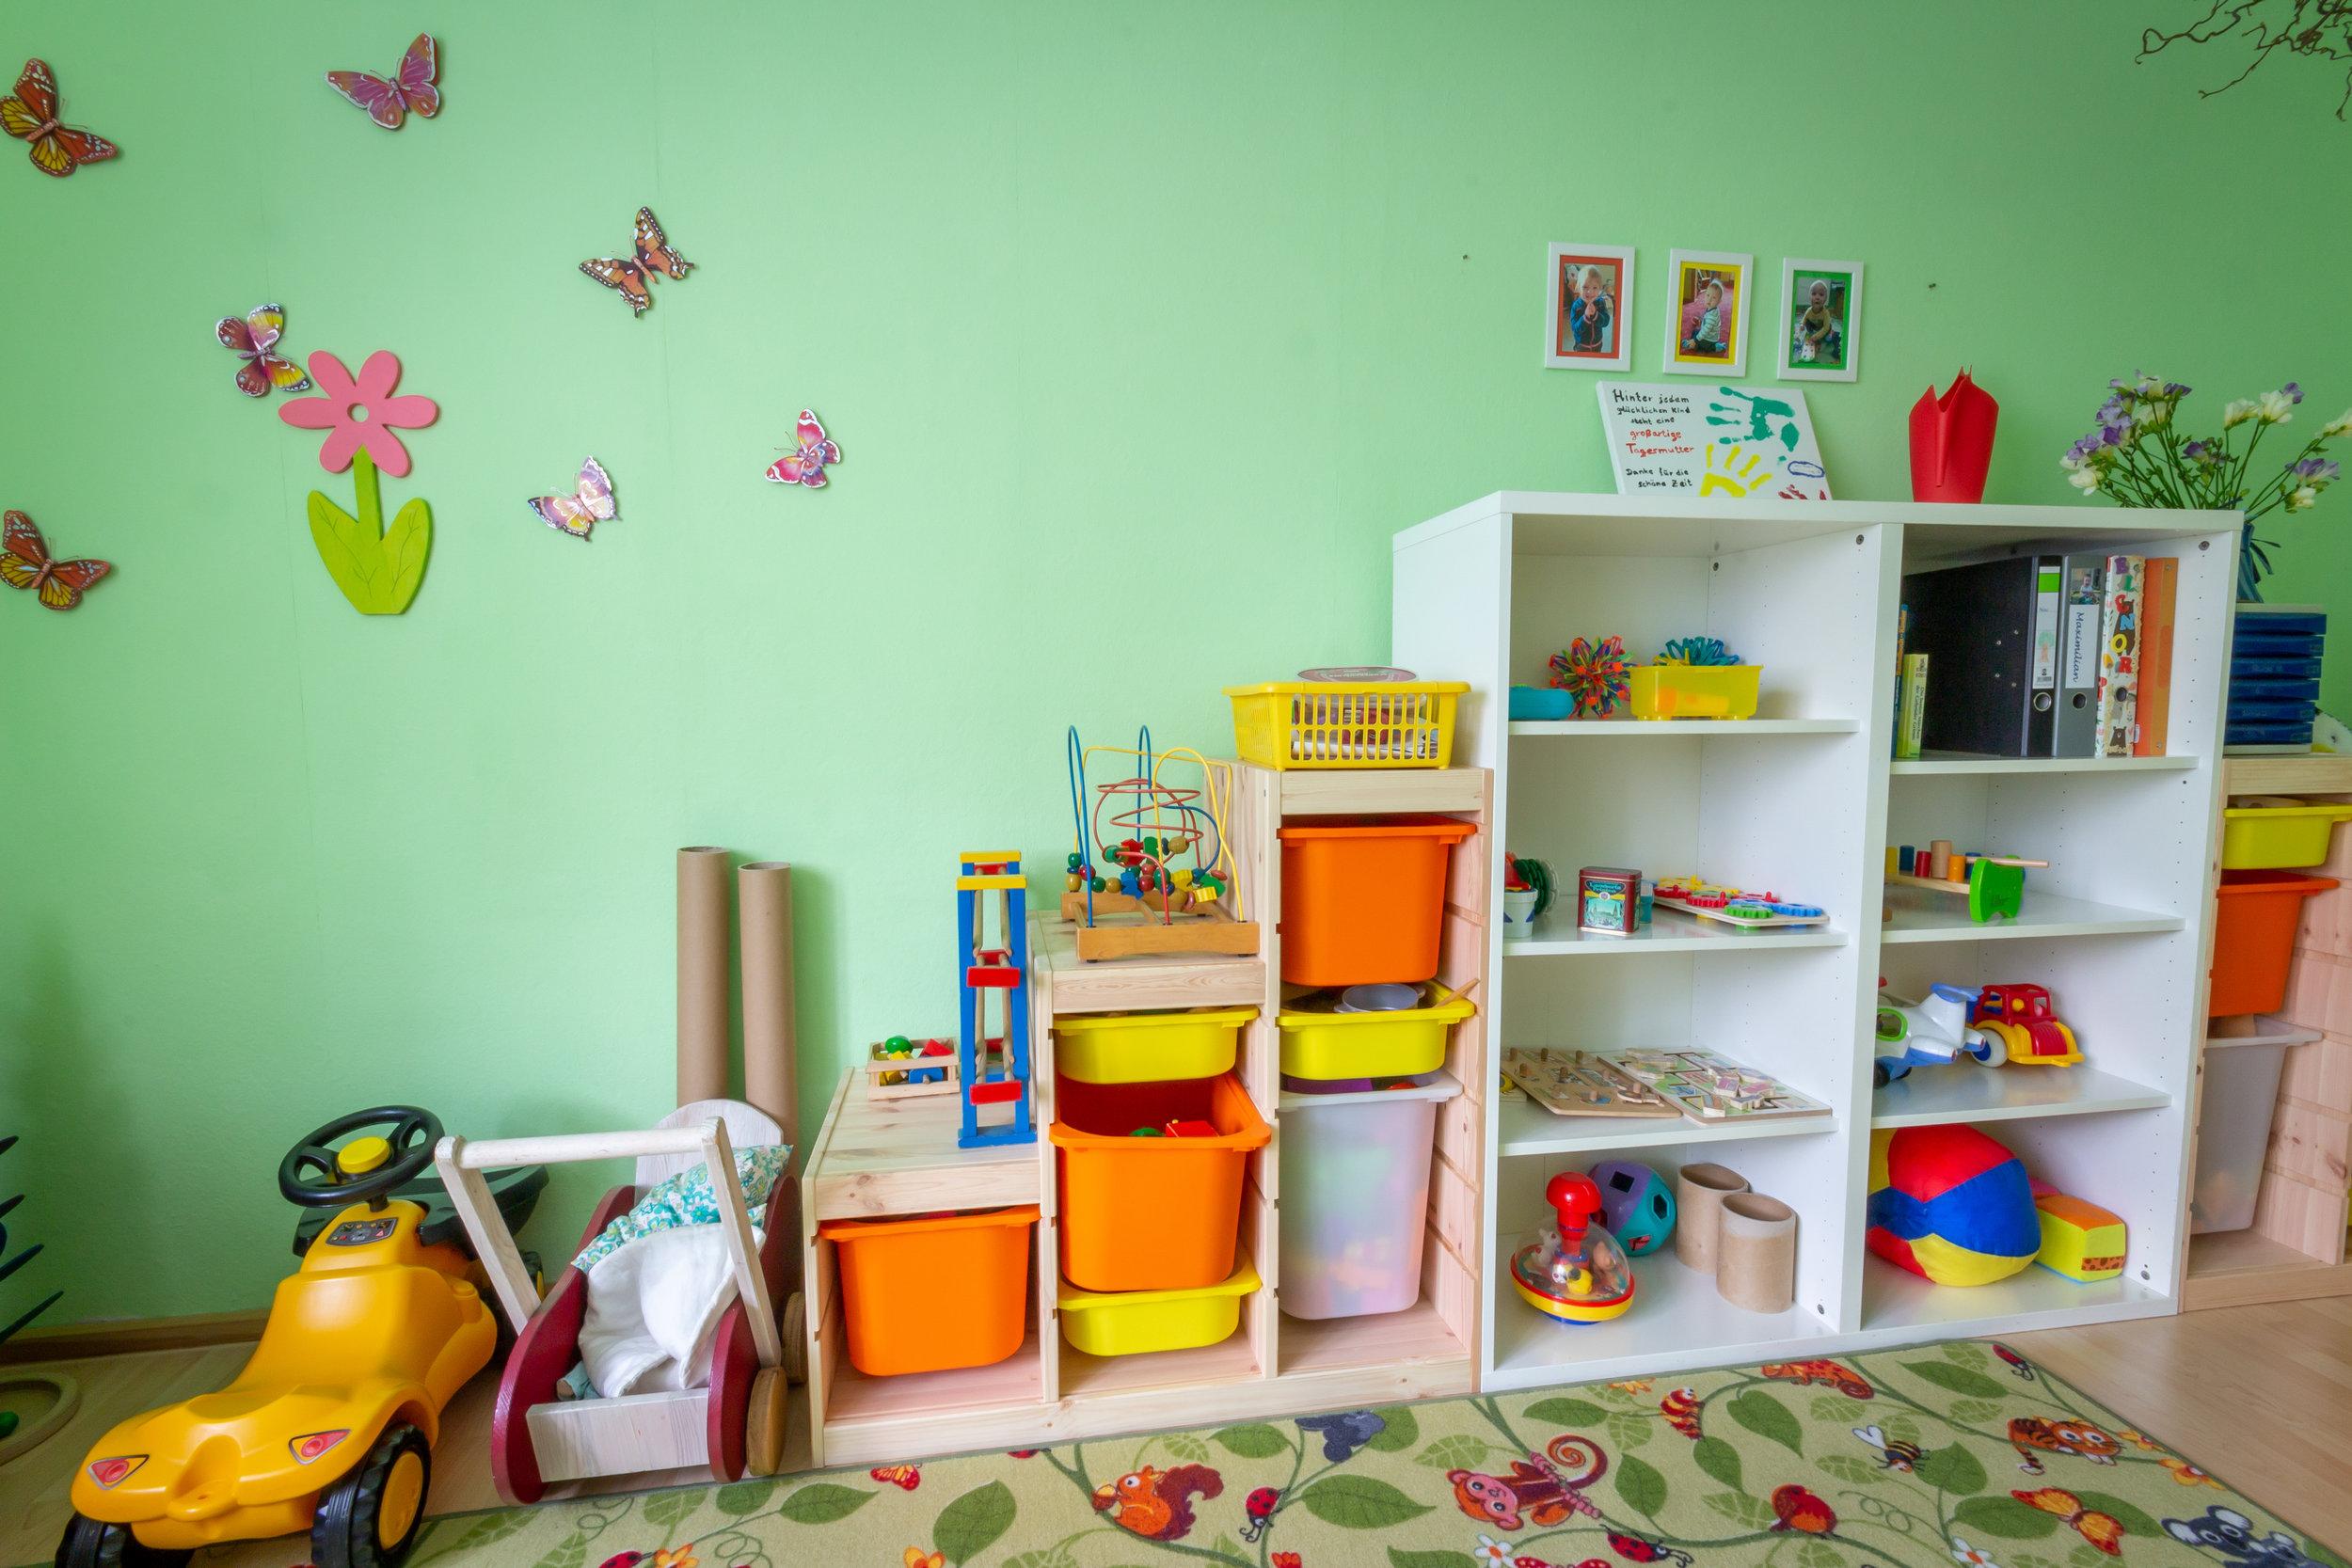 Das ist das wichtigste Möbelstück in unserer Zwergenwohnung. Im Spielzeugregal finden sich immer wieder interessante Spielsachen.